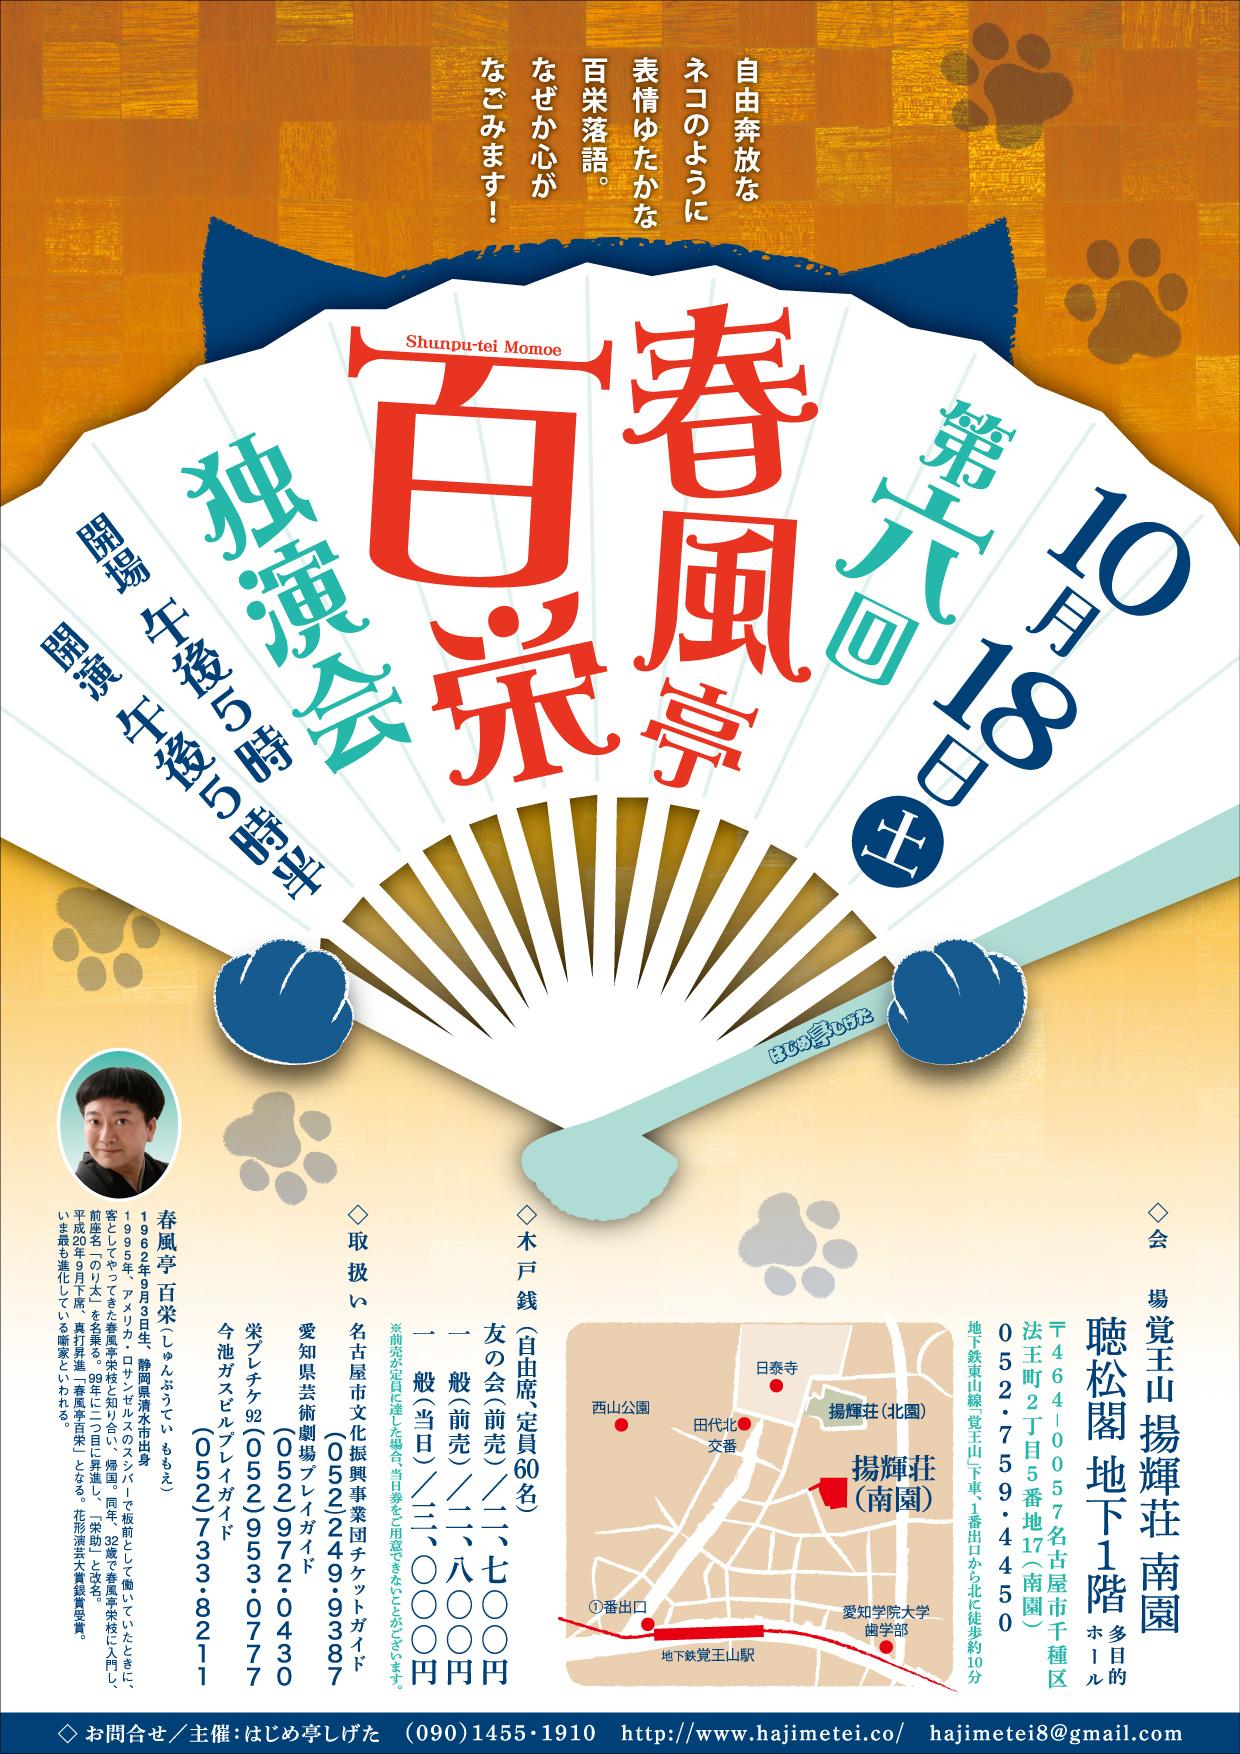 春風亭百栄独演会_06-01.jpg